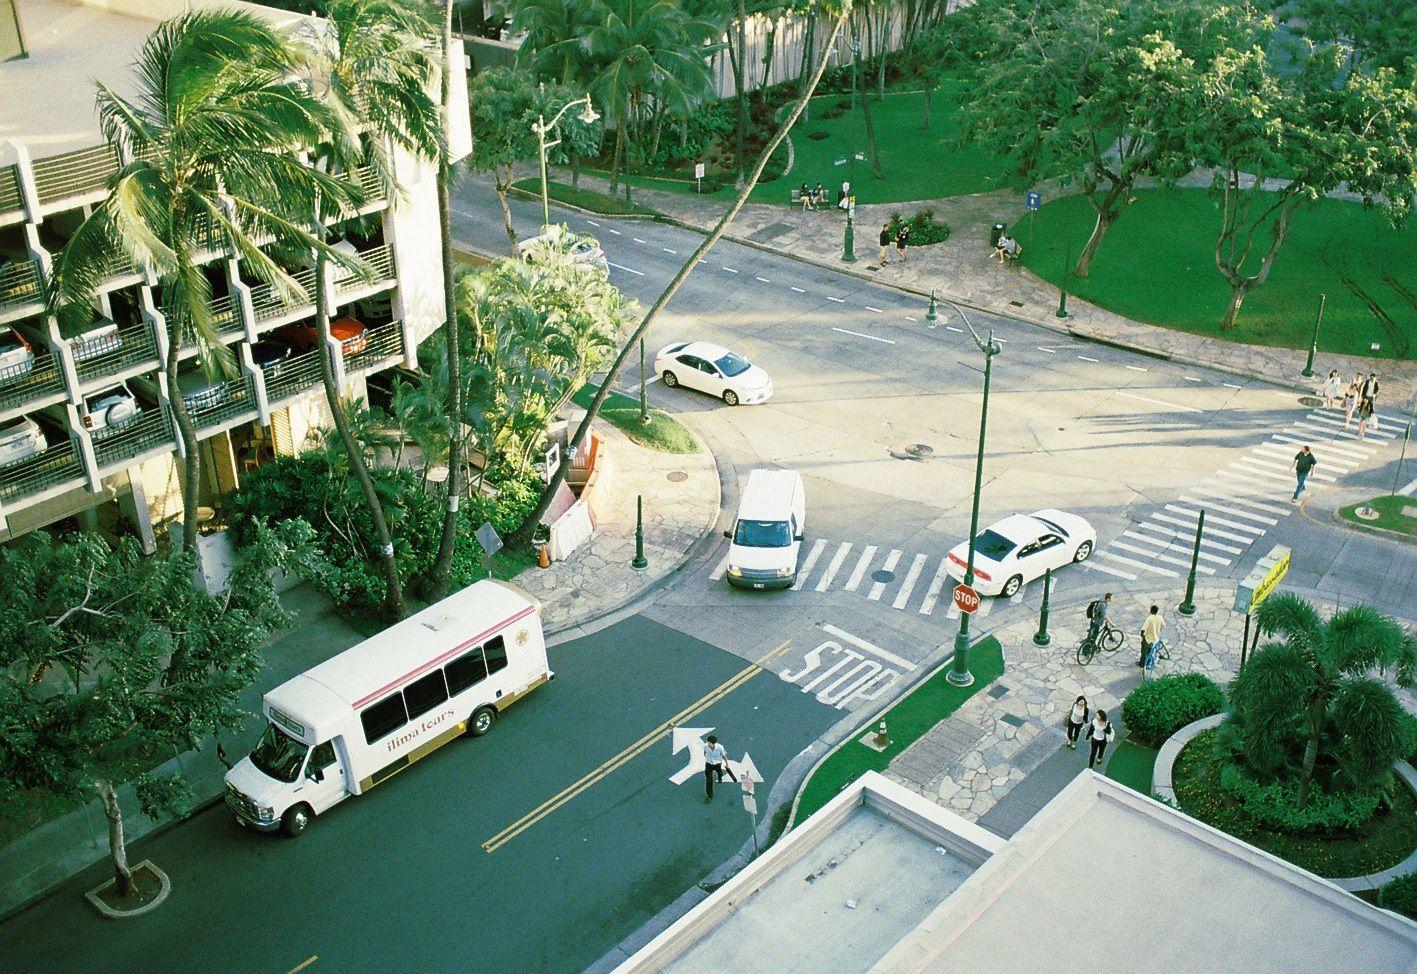 HAWAII,photo,picture,Waikiki,oahu